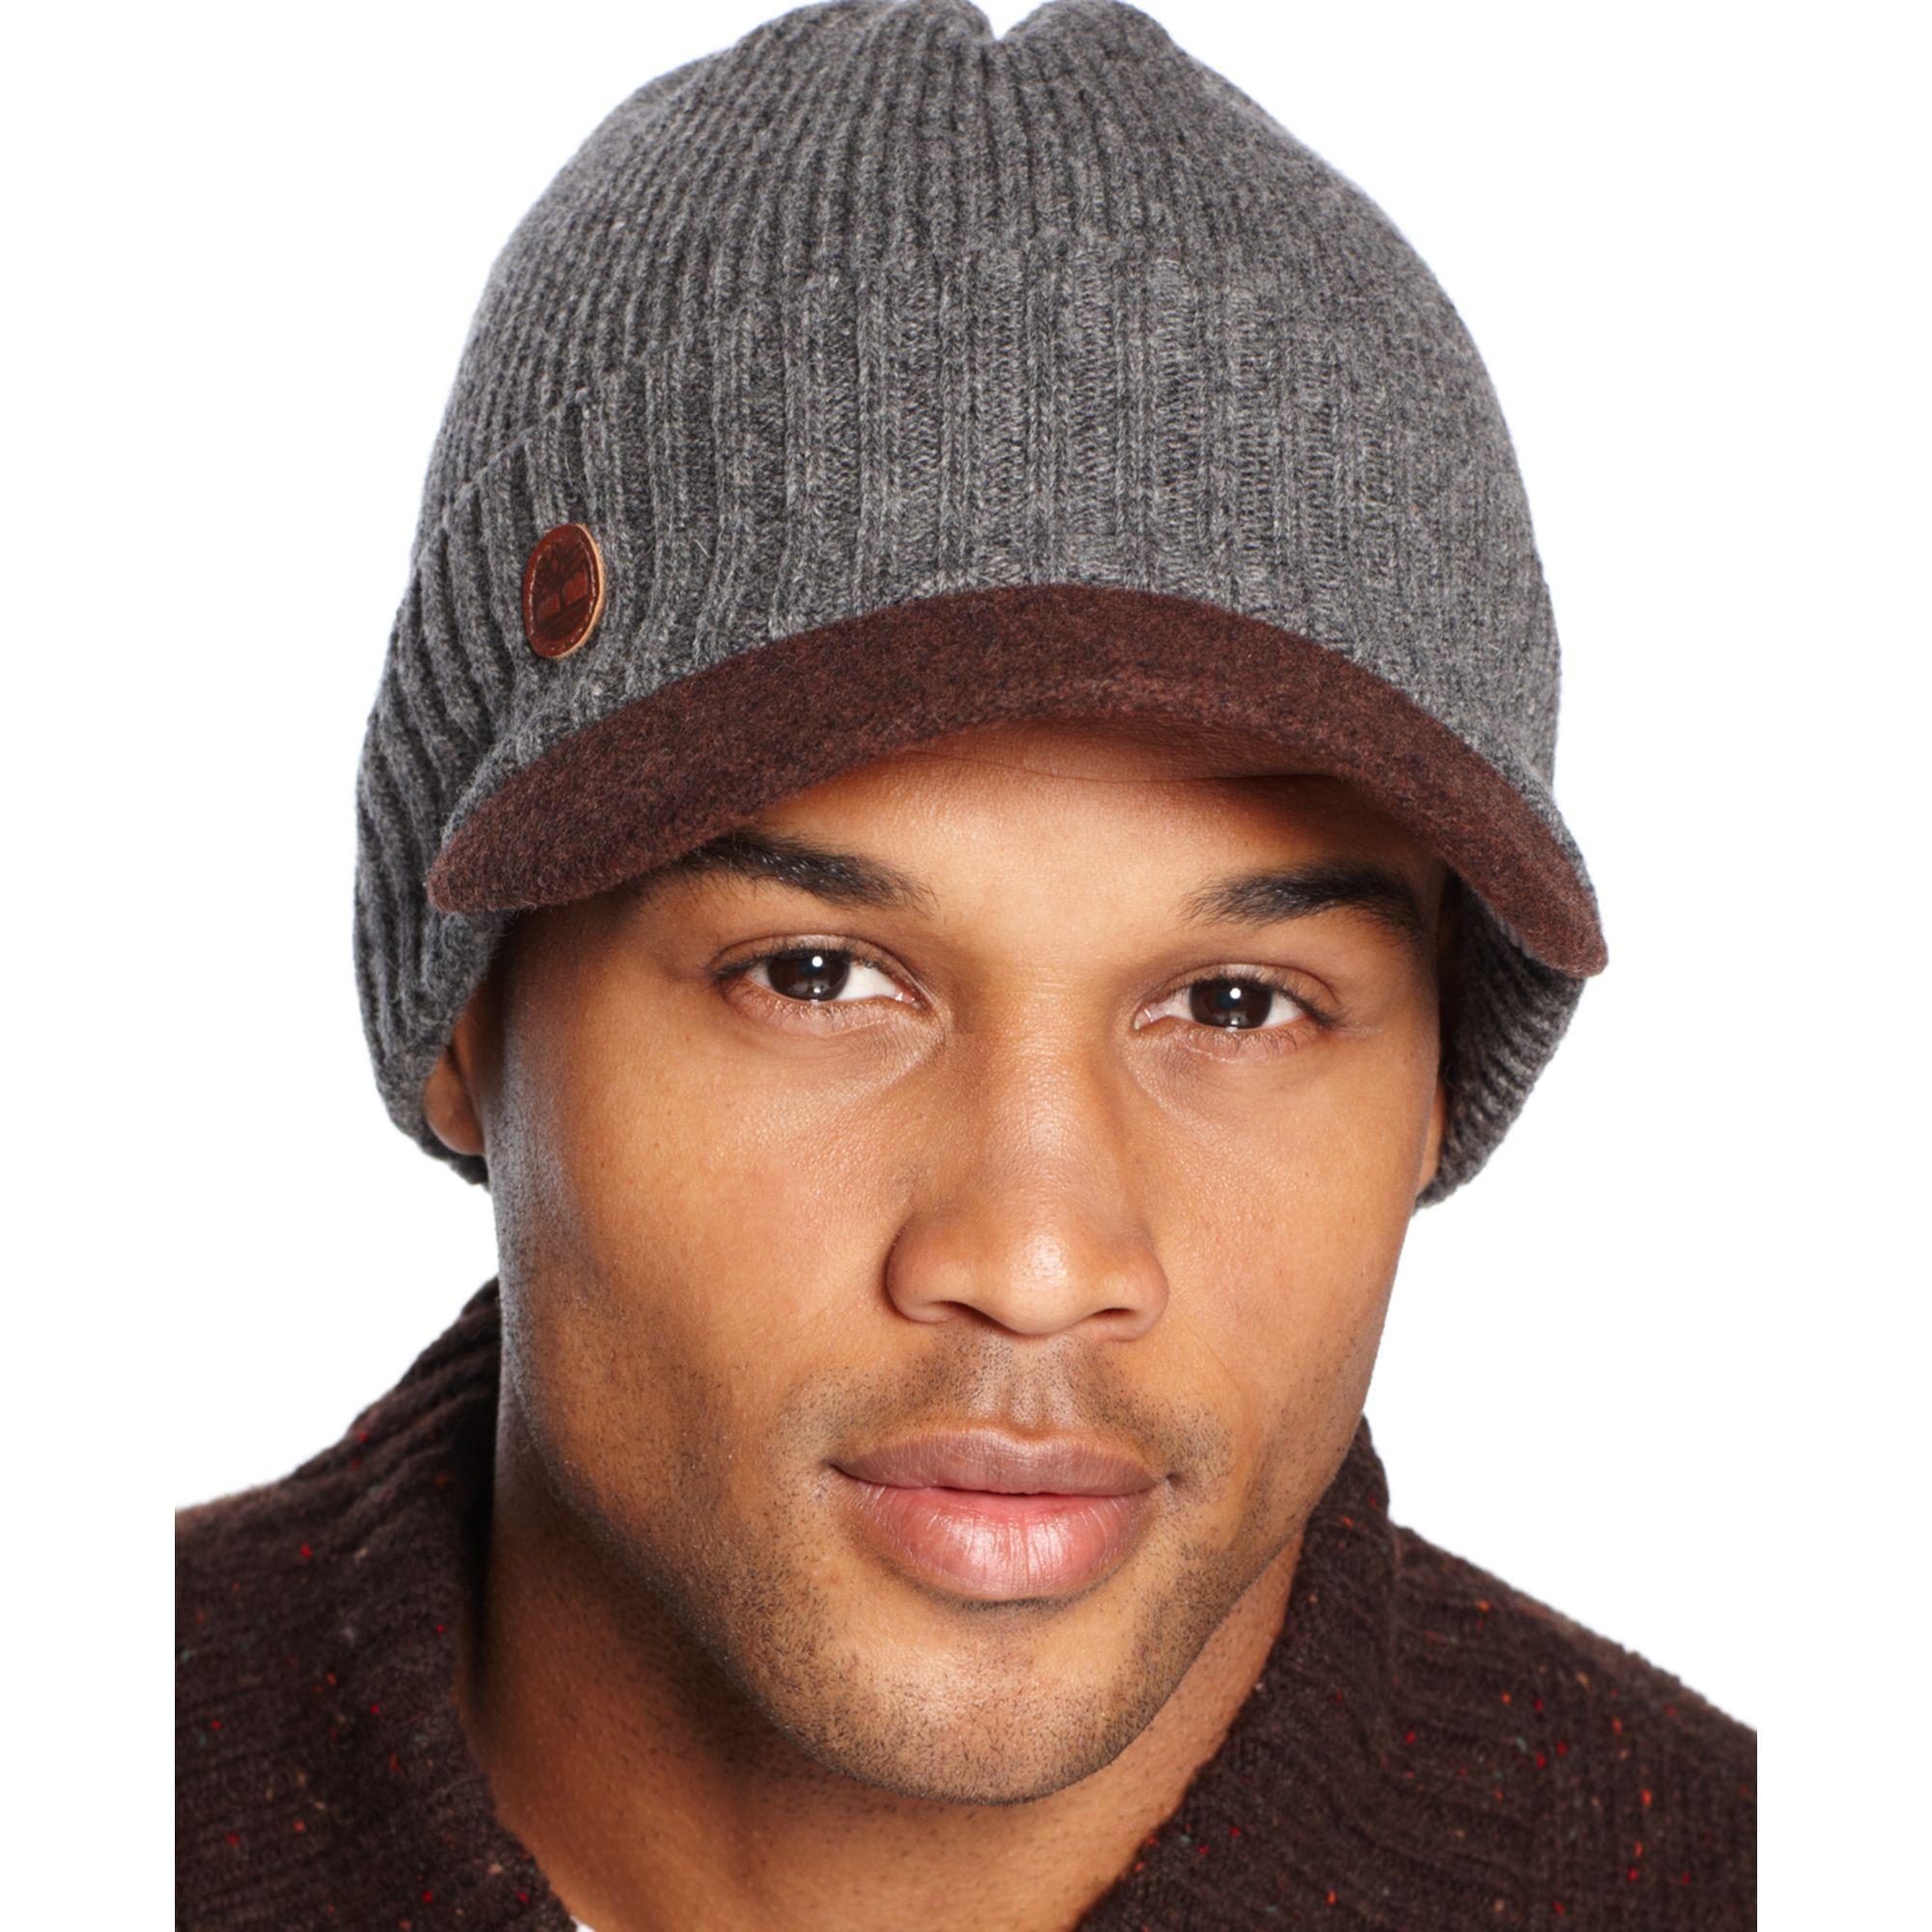 b0ec5225e7c Lyst - Timberland Wool Visor Beanie in Gray for Men